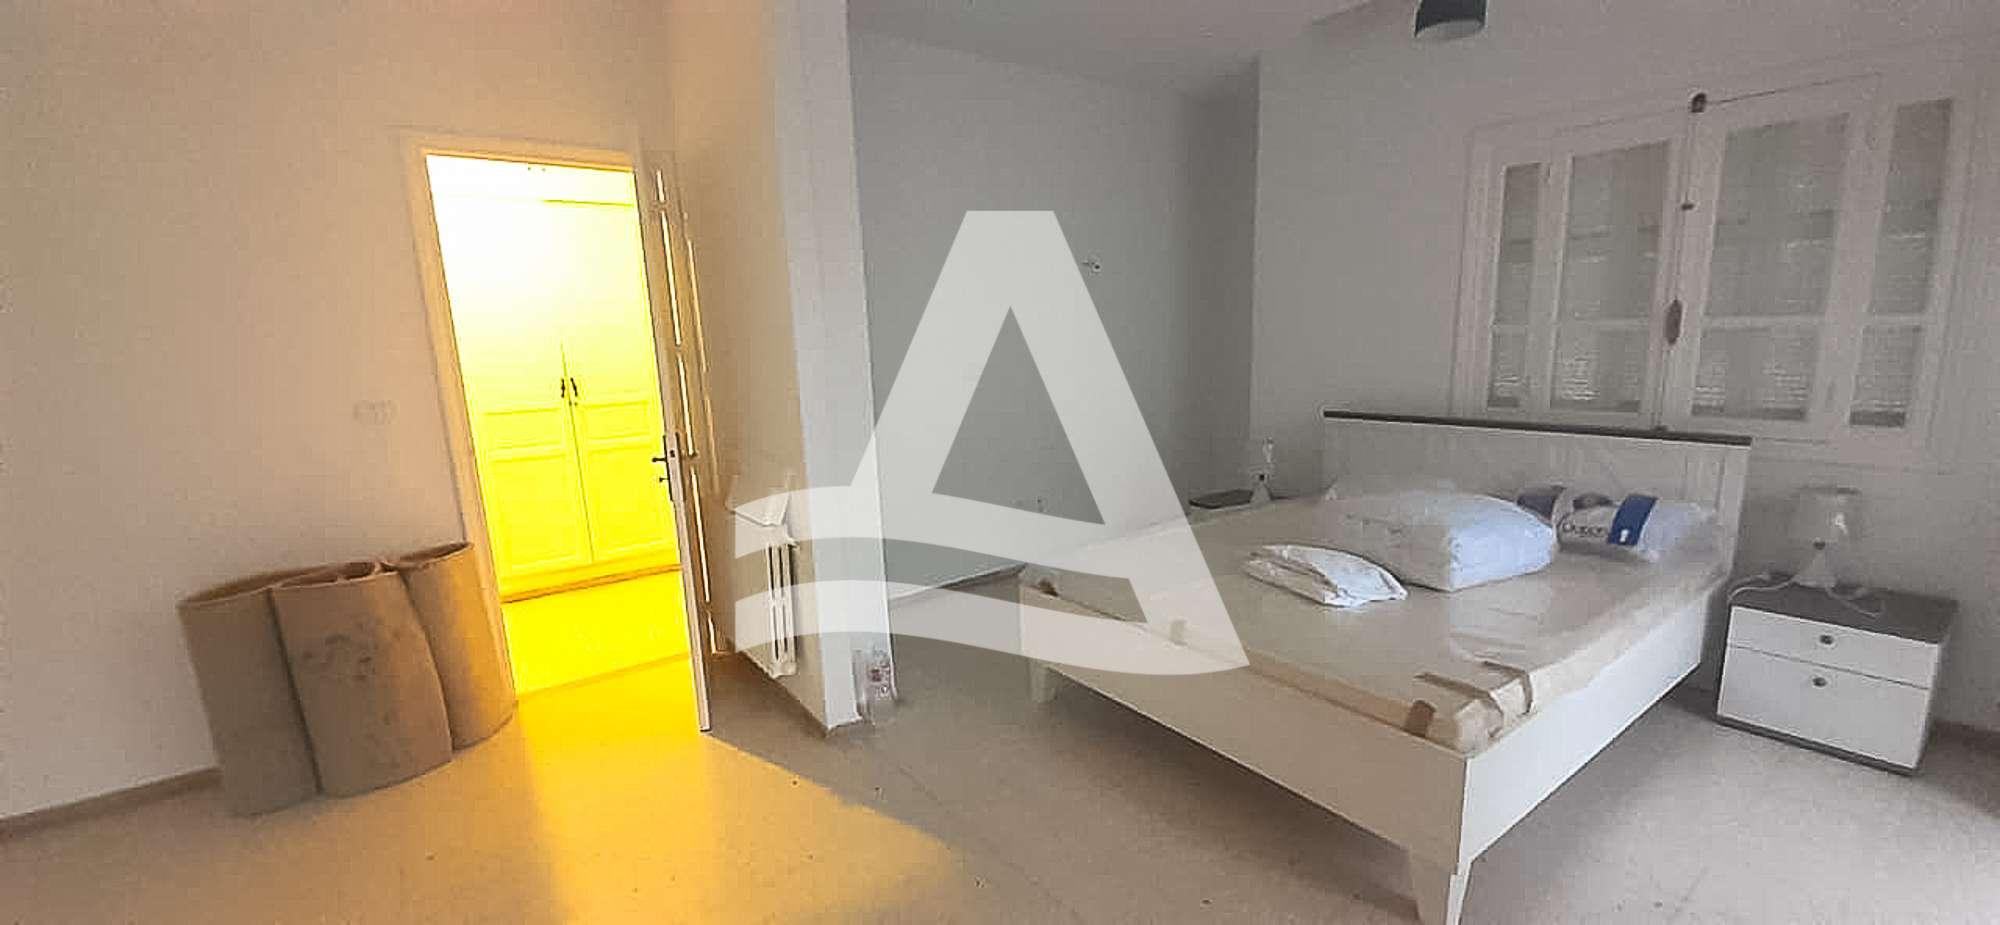 httpss3.amazonaws.comlogimoaws_Arcane_immobilière_la_Marsa-_location_-_vente_la_marsa__-11_1583429653014-2